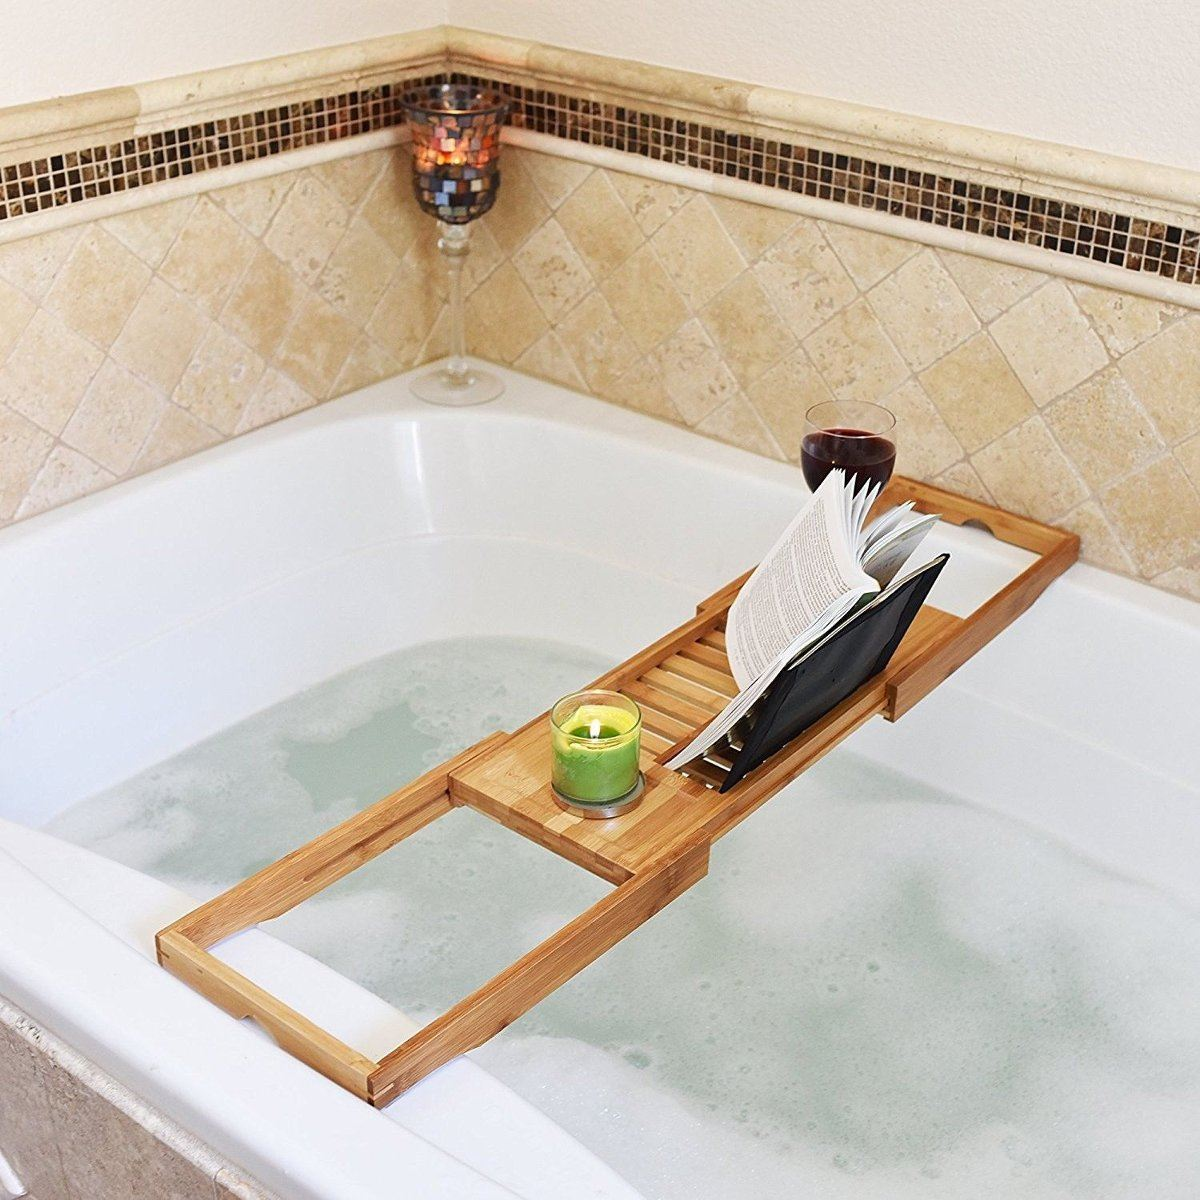 Banho de Banheira banho de Livros de telefone Copo de Vinho Rack Titular Home Hotel Stand Organizador Sundries Bandeja Do Chuveiro Ajustável Prateleiras Do Banheiro